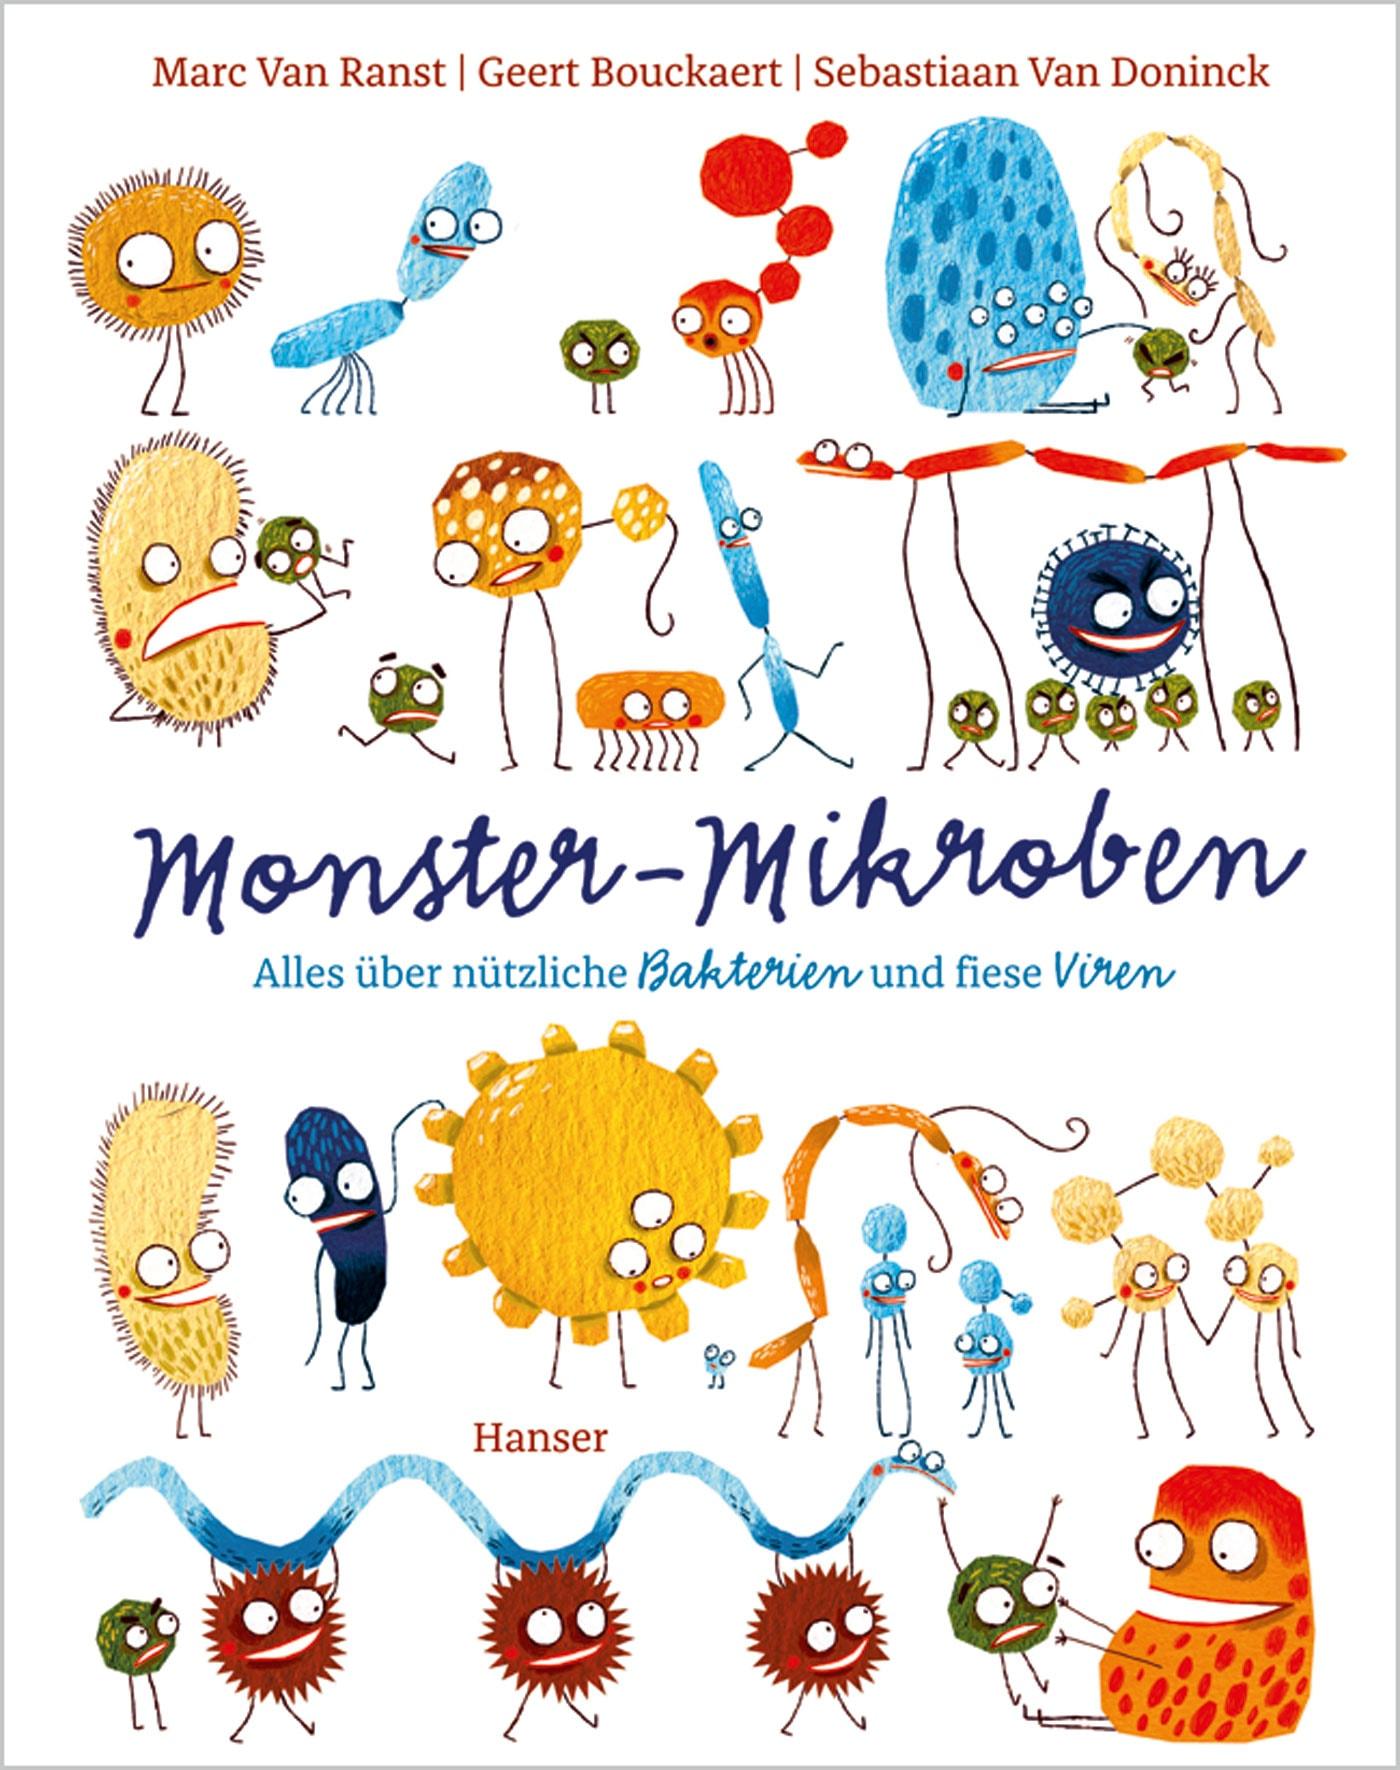 Kindersachbuch-Tipp: Monster-Mikroben // HIMBEER